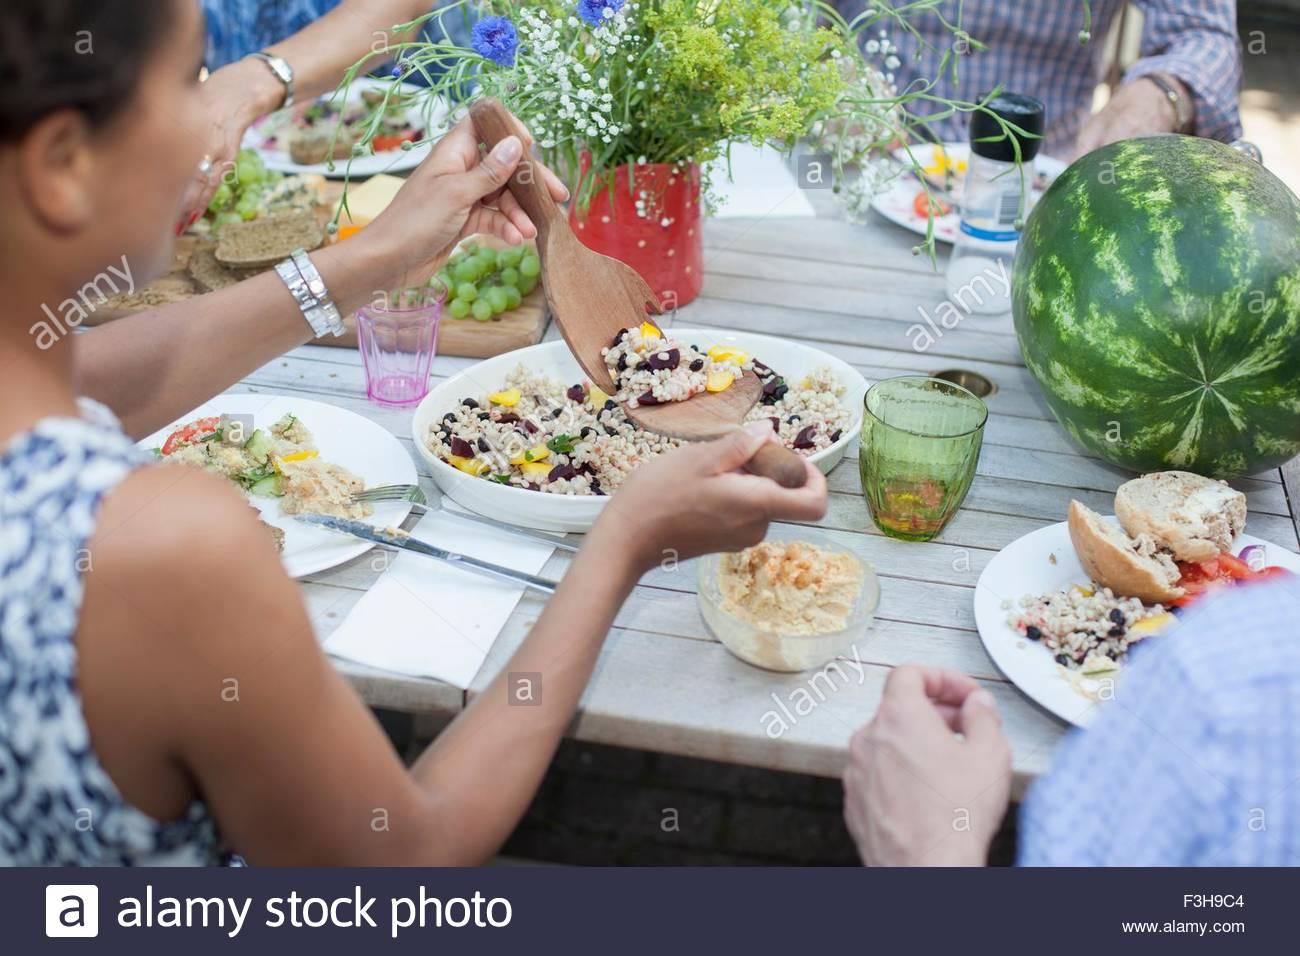 Famiglia gustando un pasto all'aperto Immagini Stock